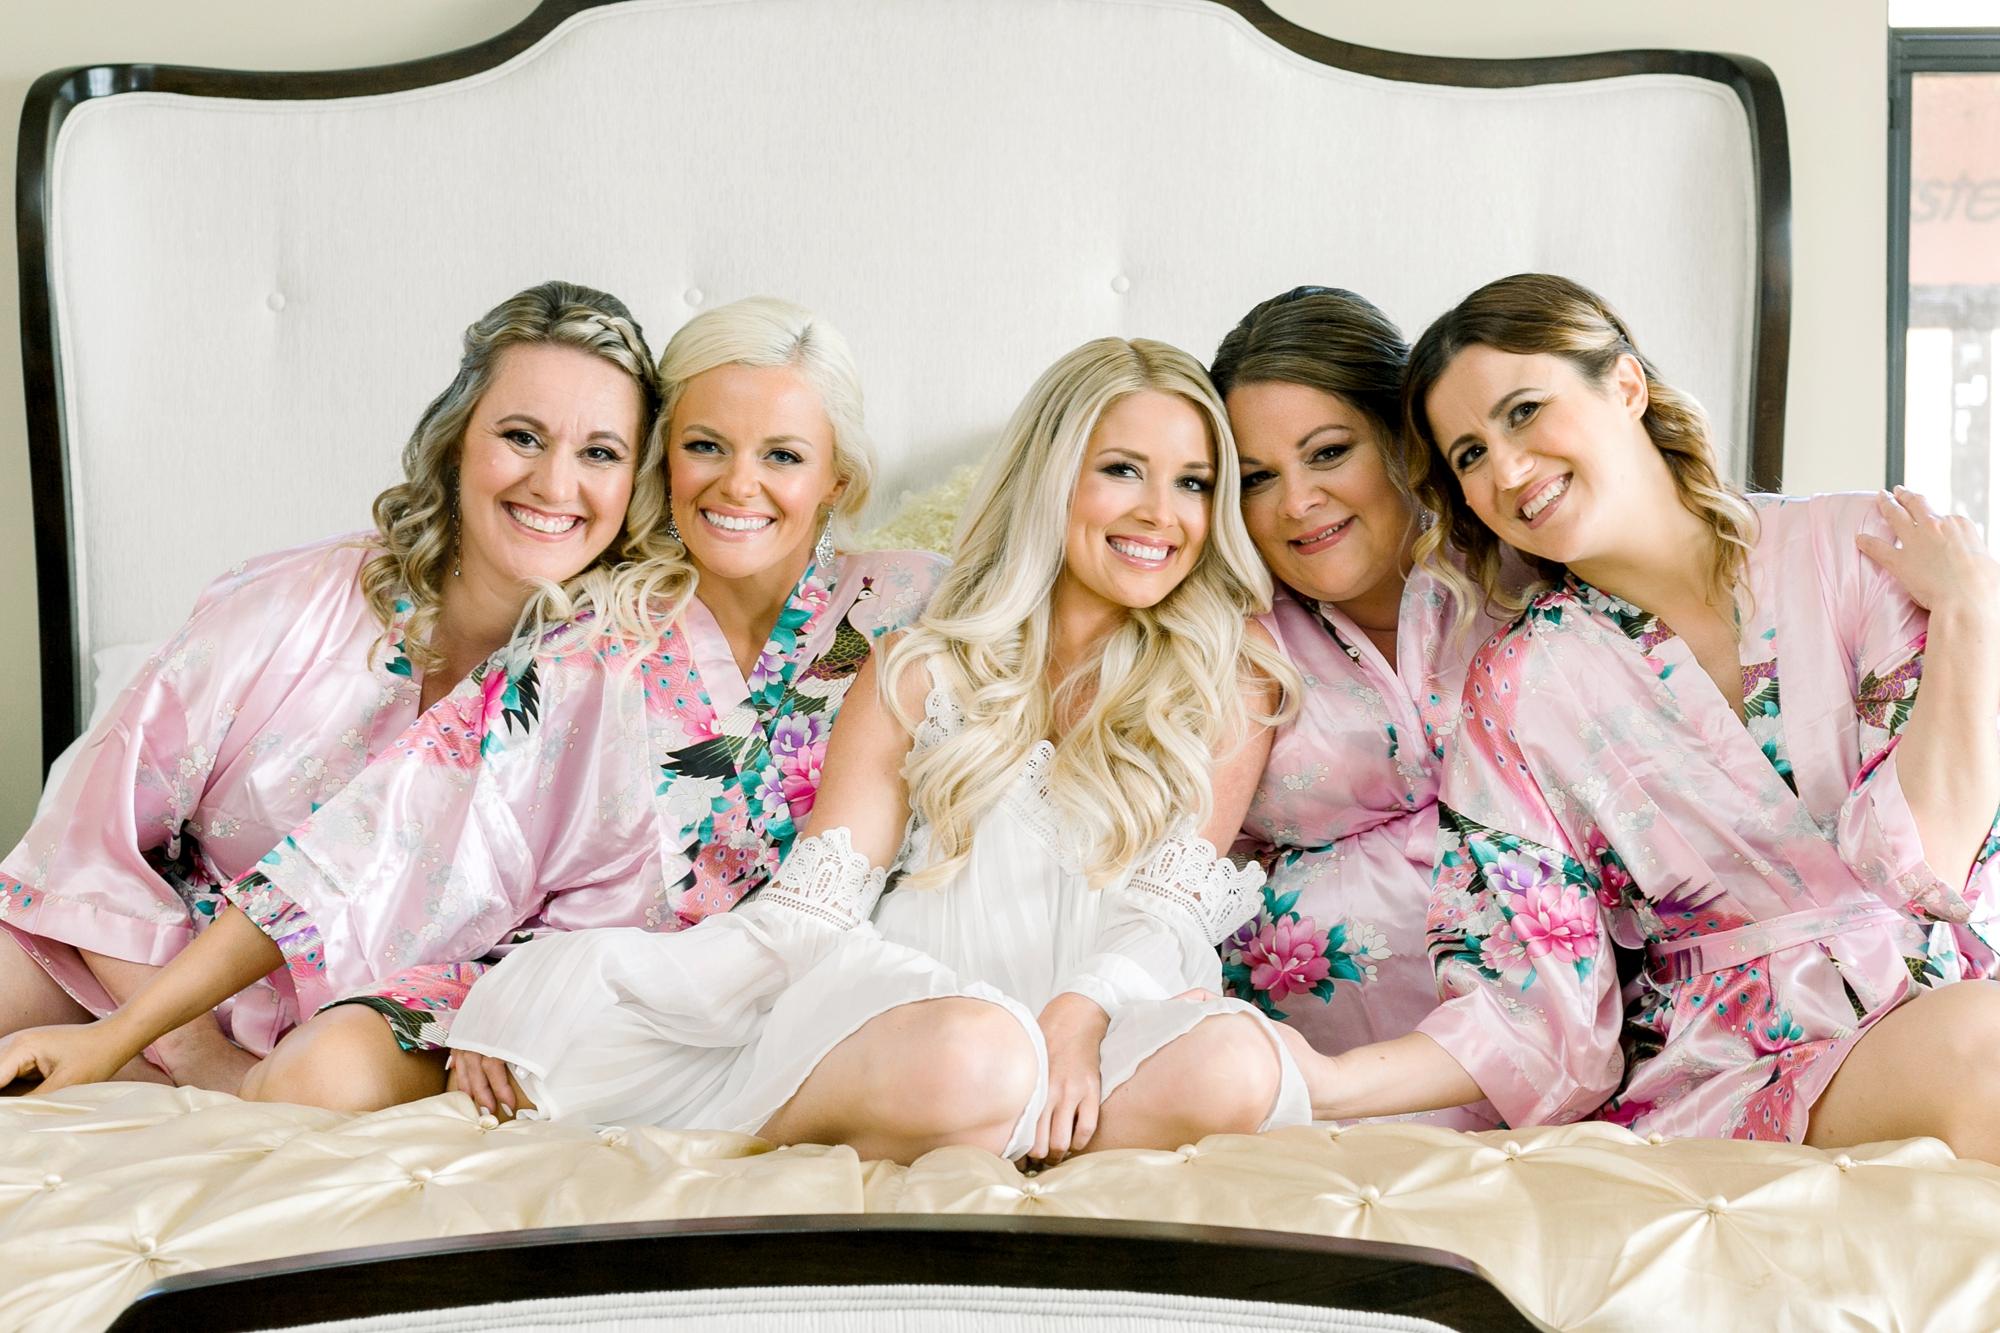 brides maids robes